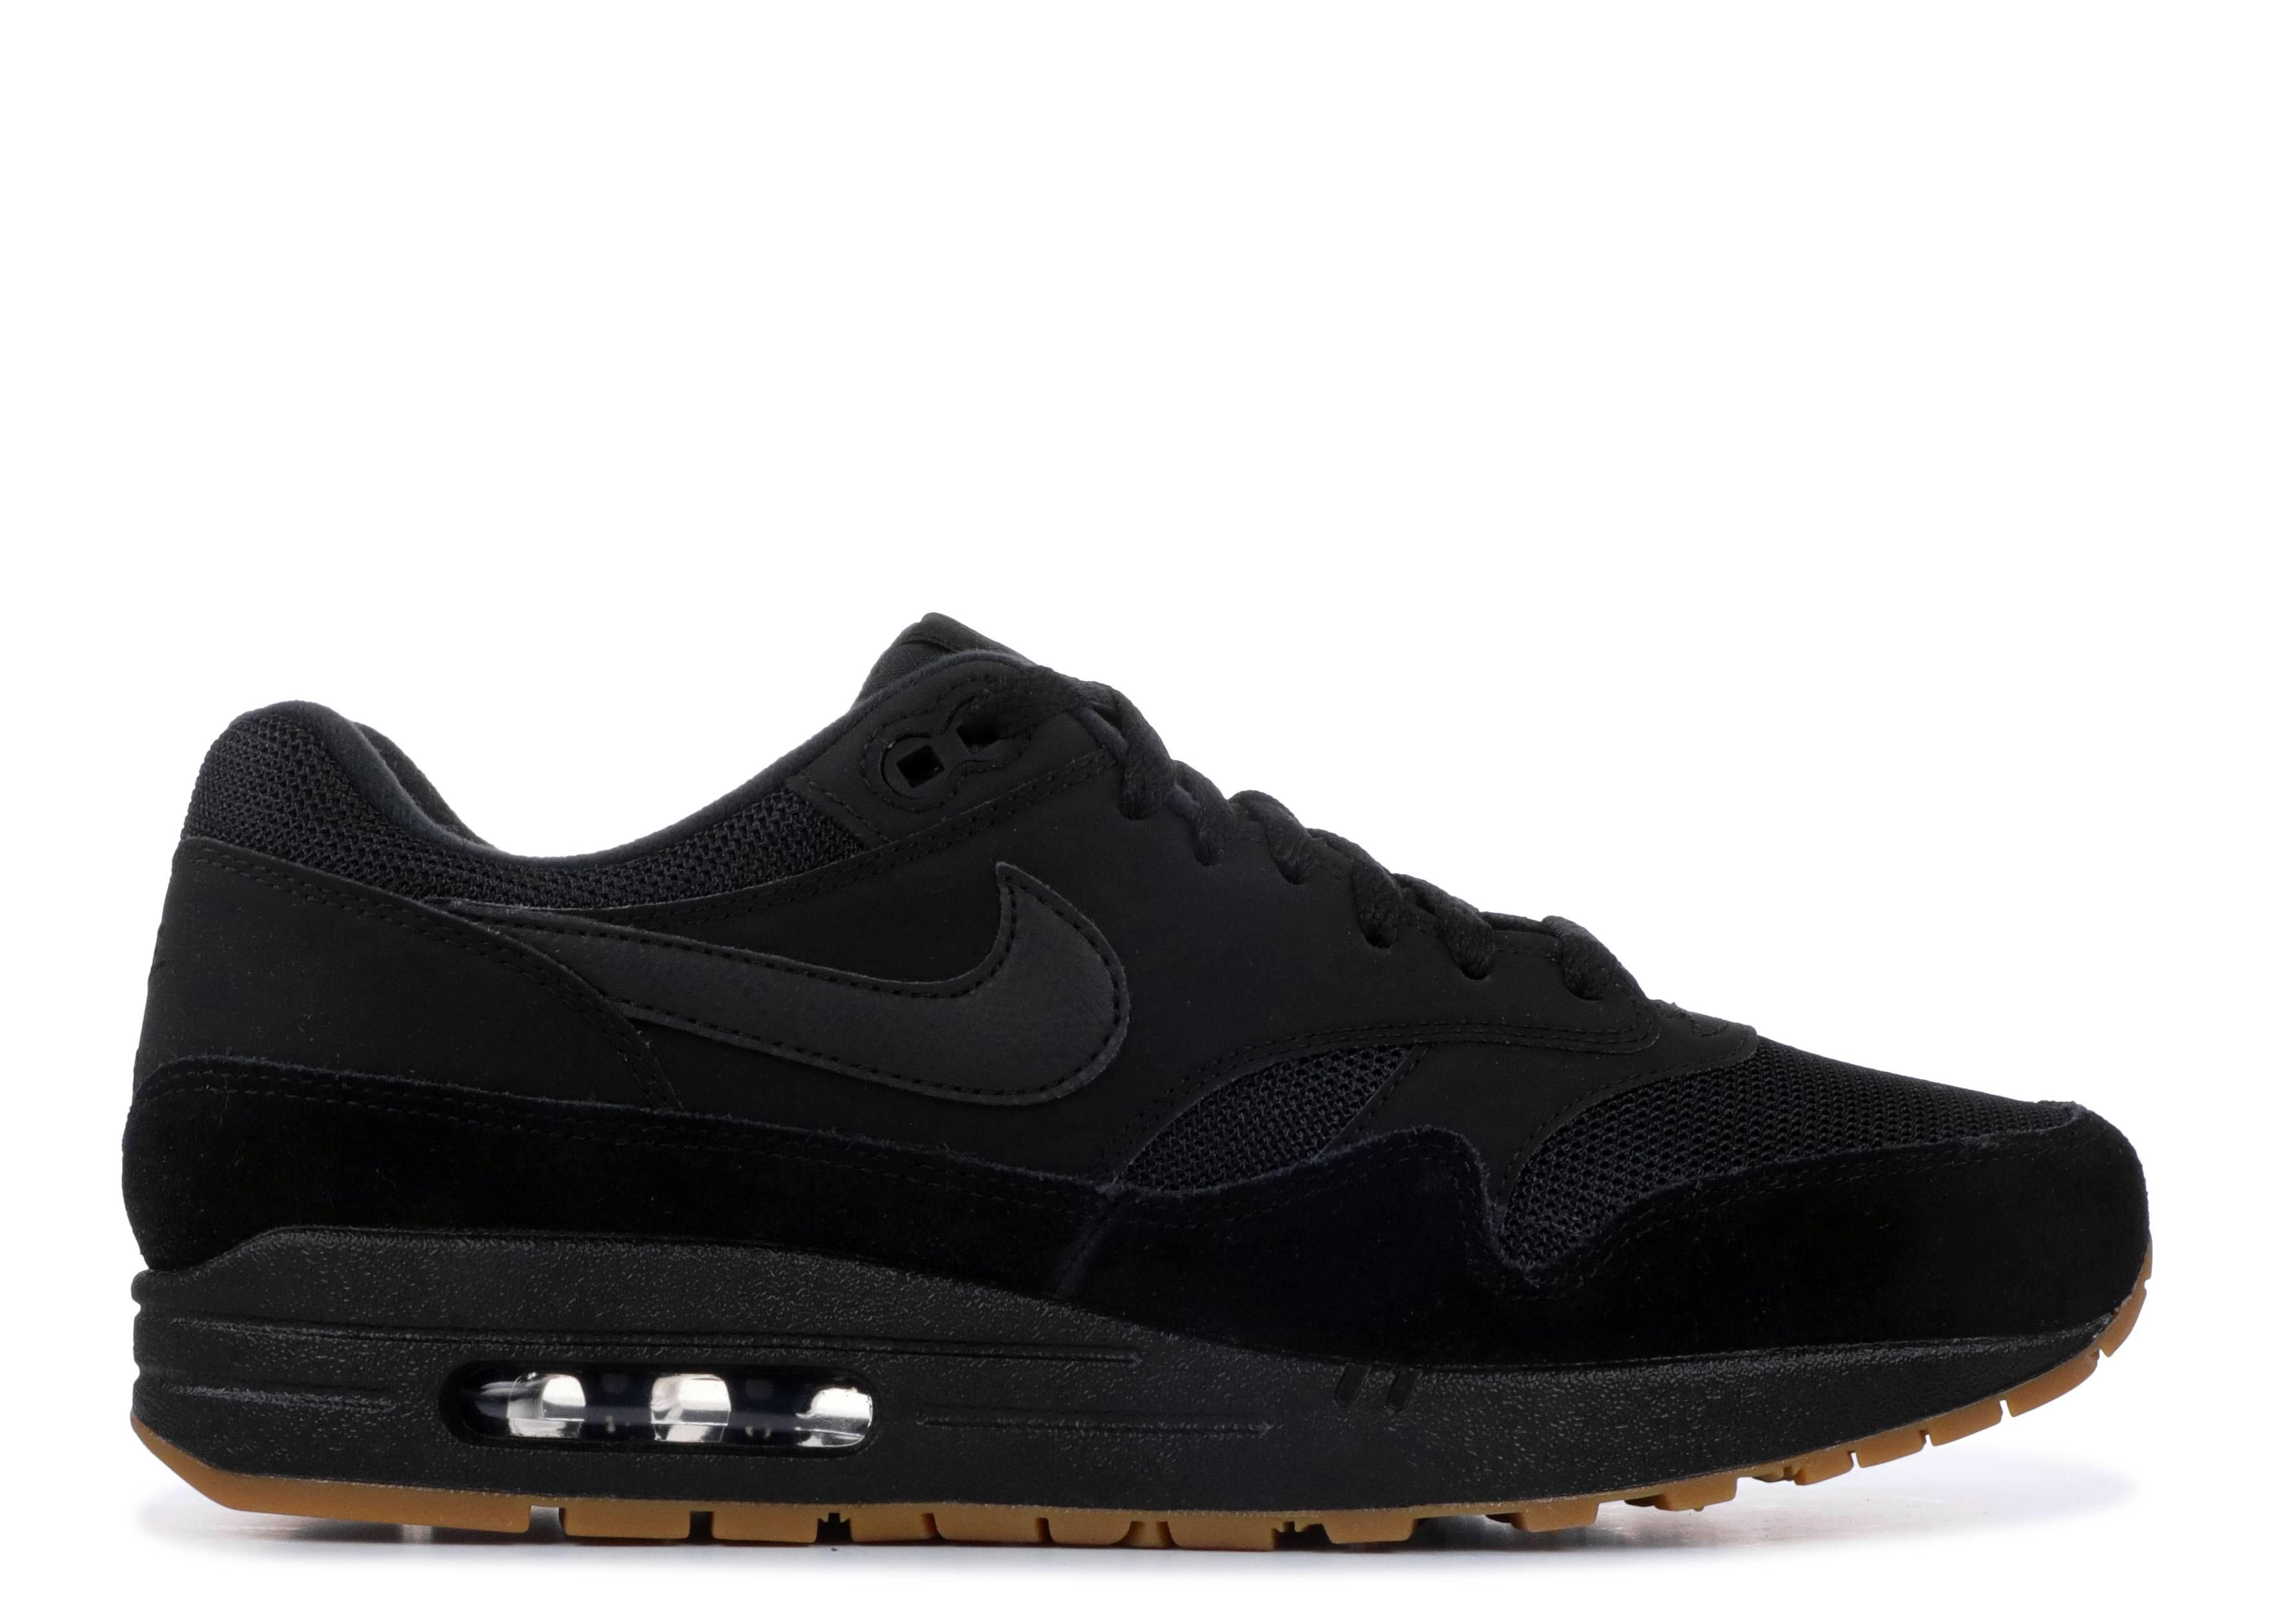 último diseño calzado nuevo diseño nike air max 1 black gum